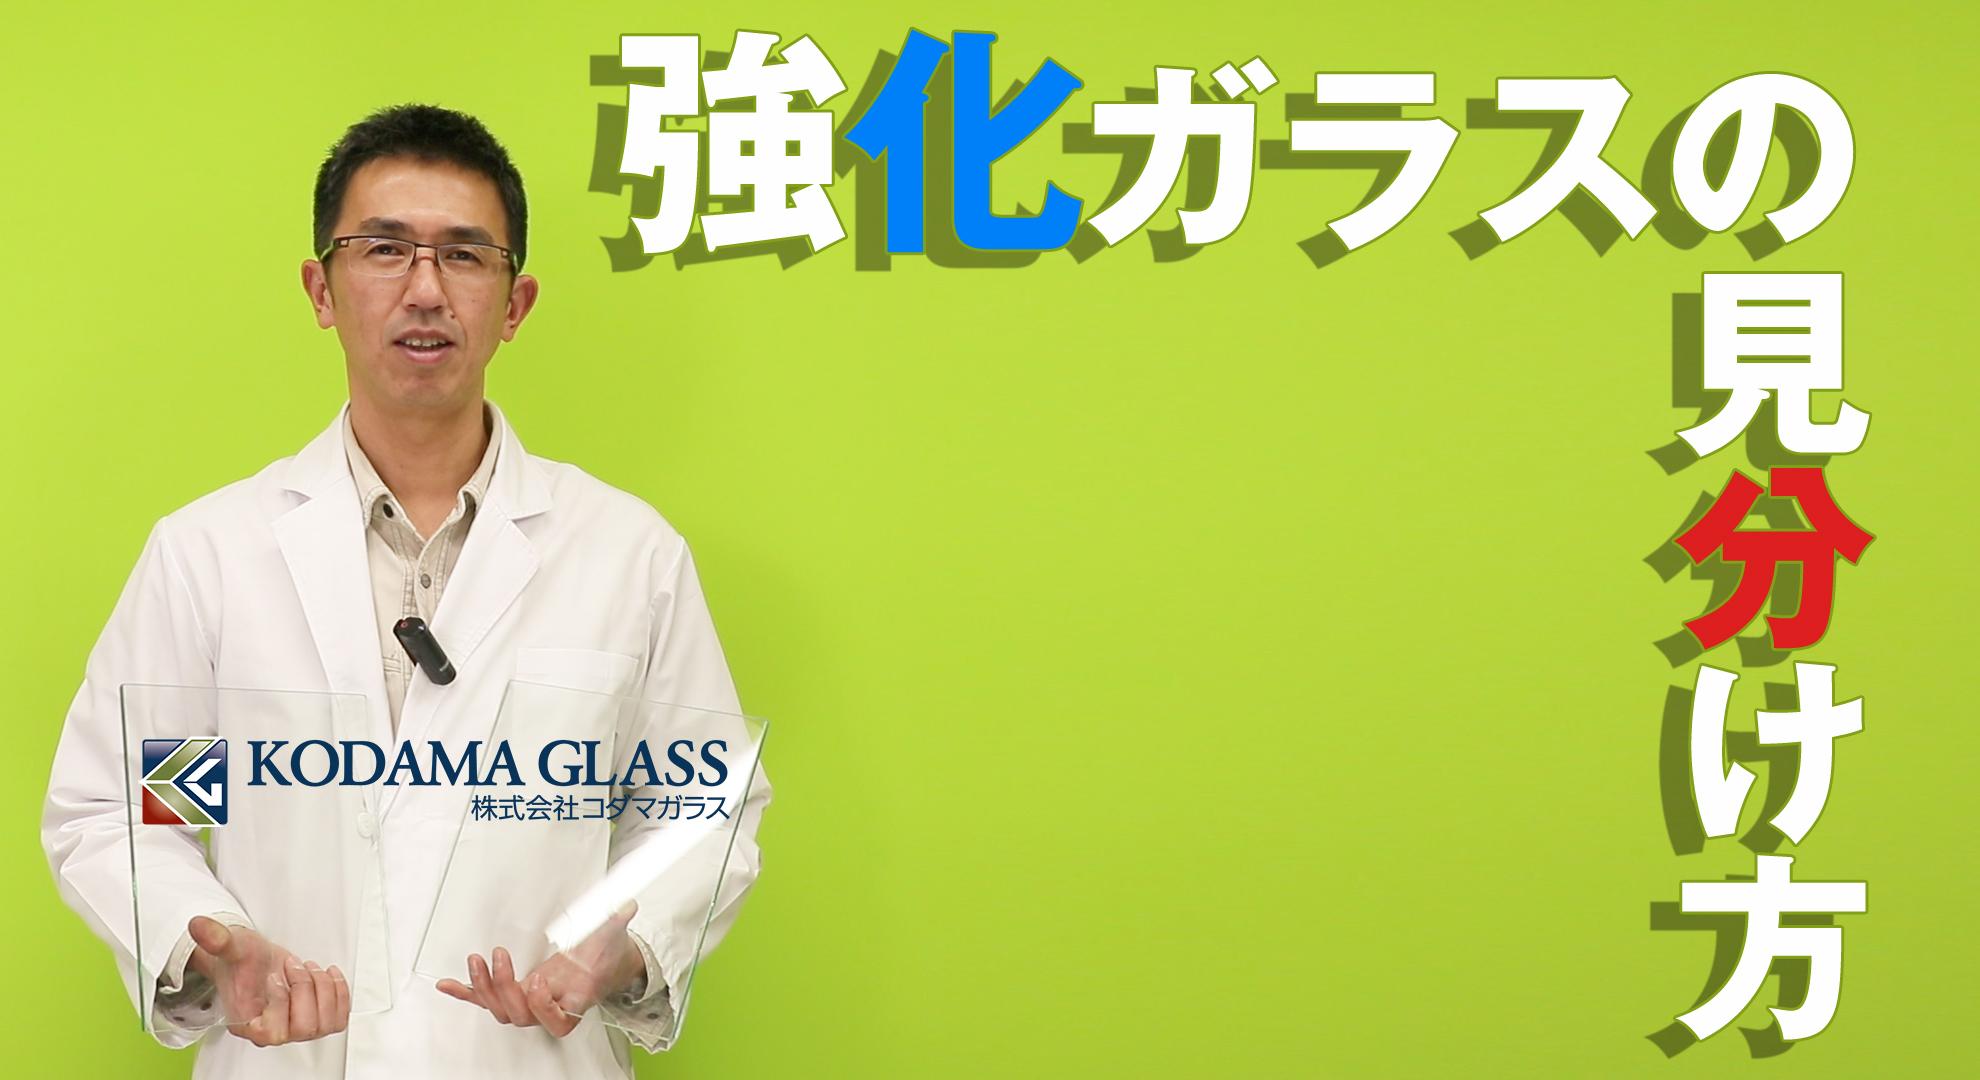 強化ガラスの見分け方